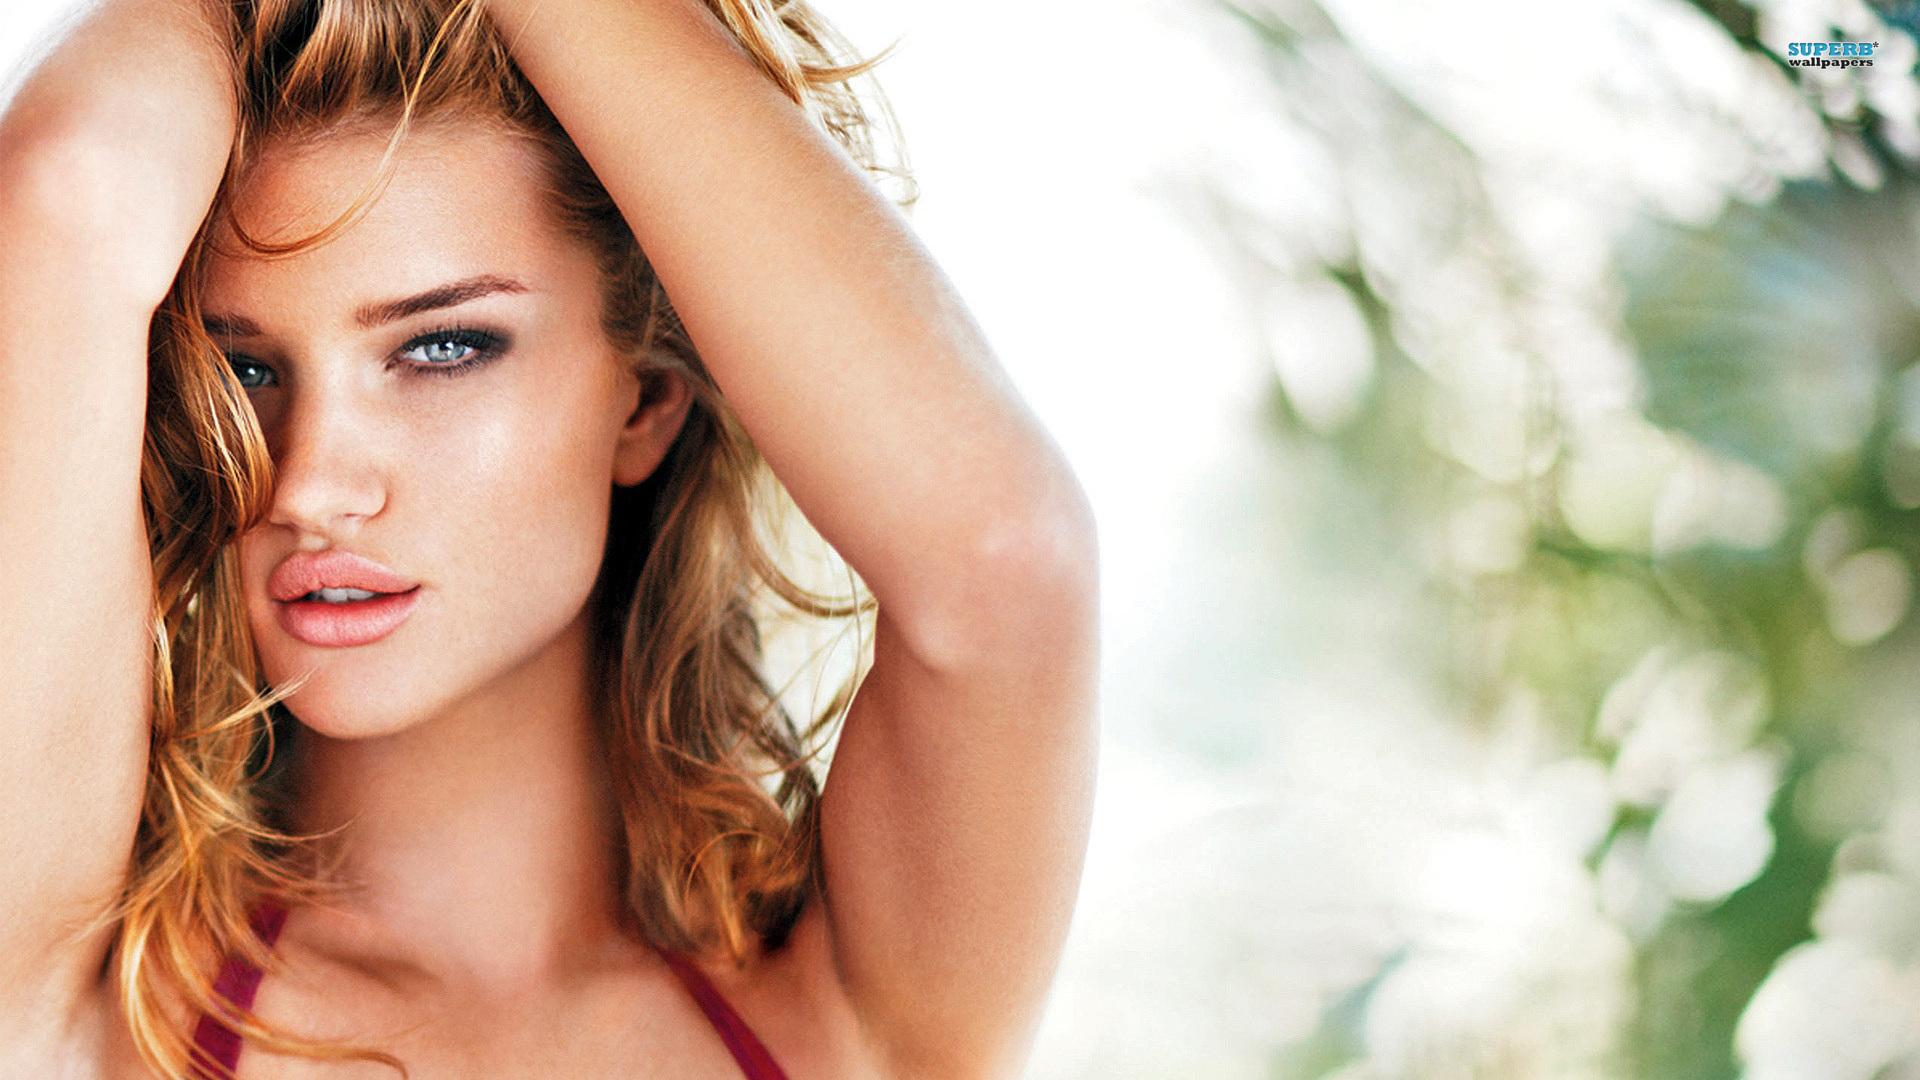 Роузи фото модель